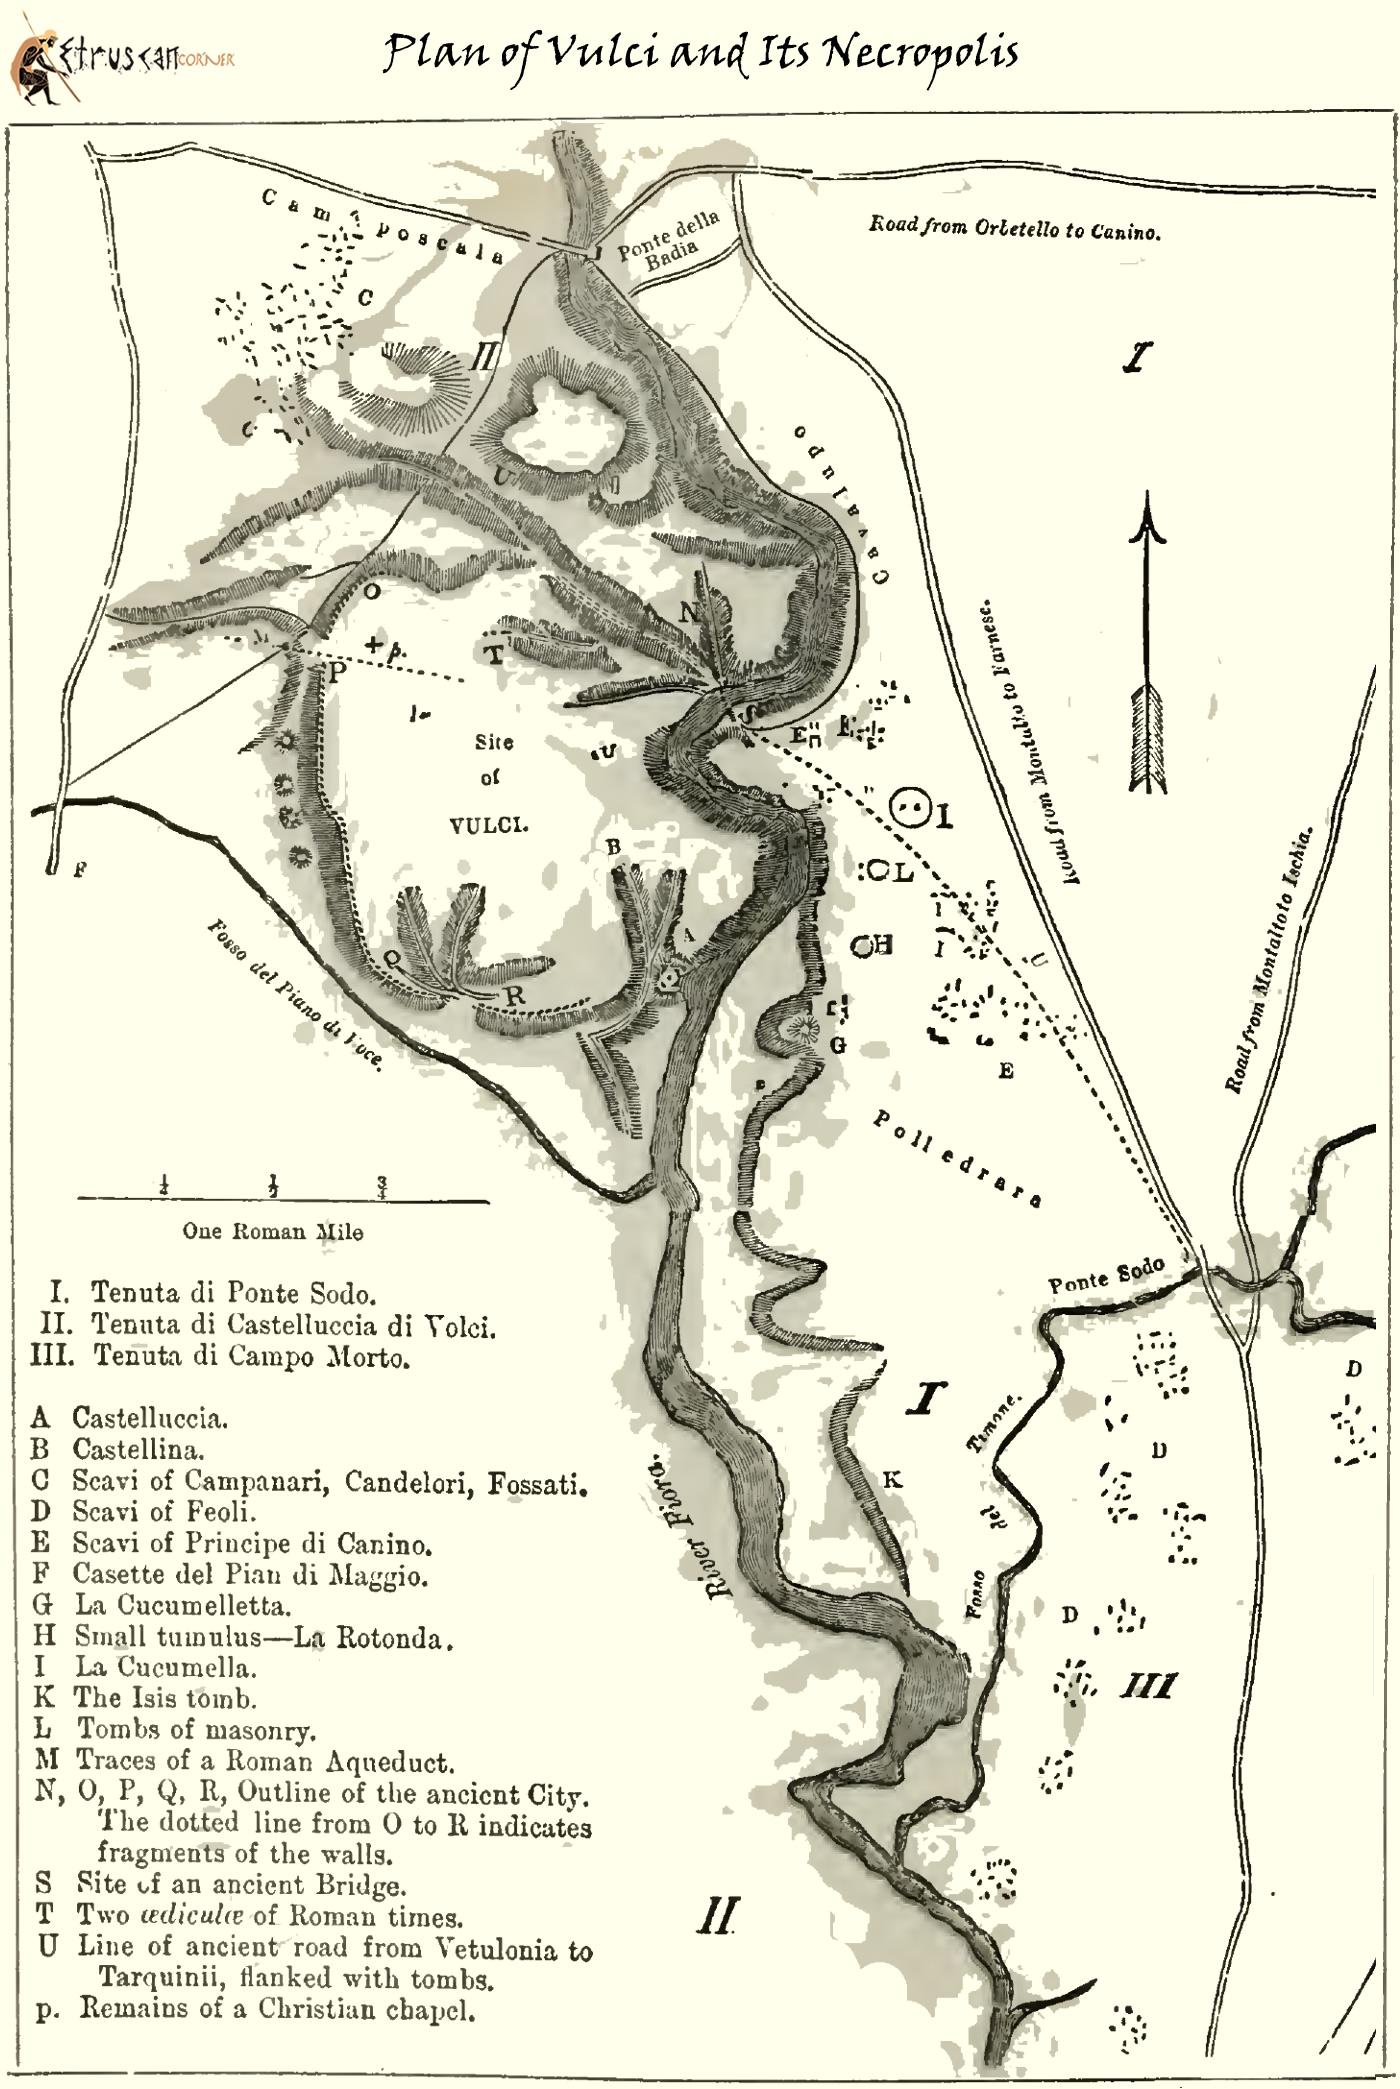 Mappa di Vulci e Necropoli